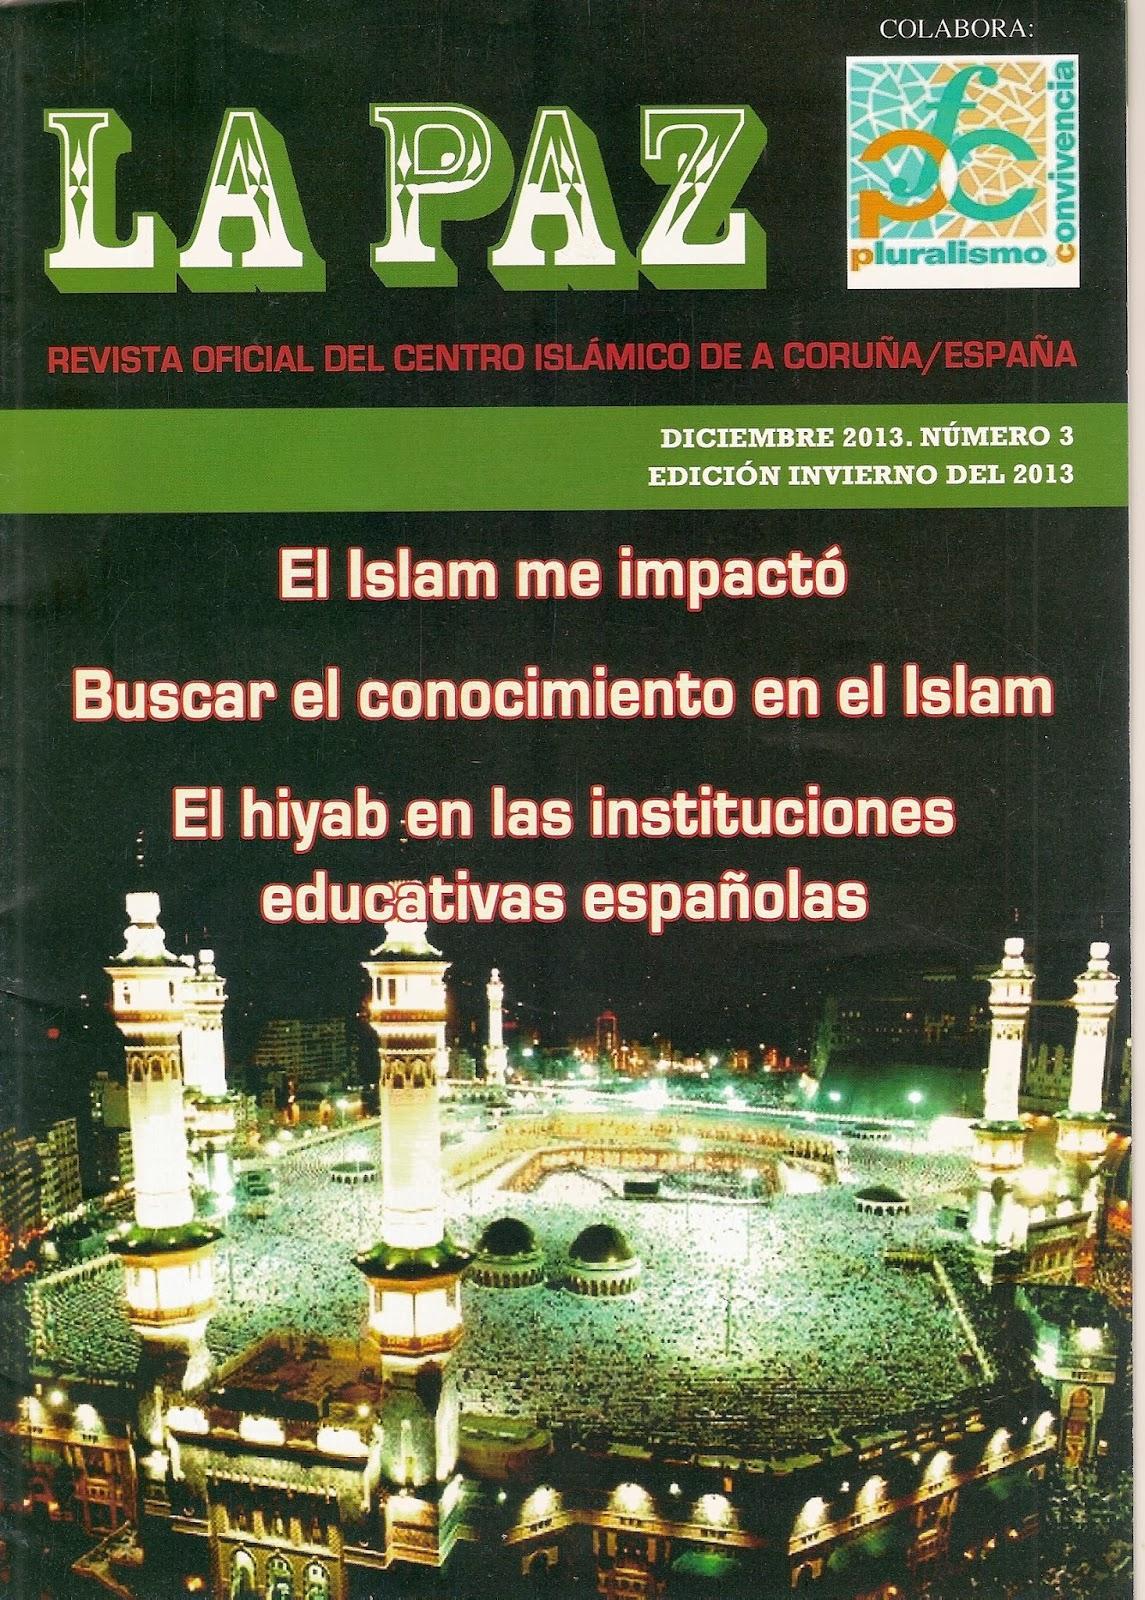 Se ha publicado el nuevo número de la revista La Paz en A Coruña